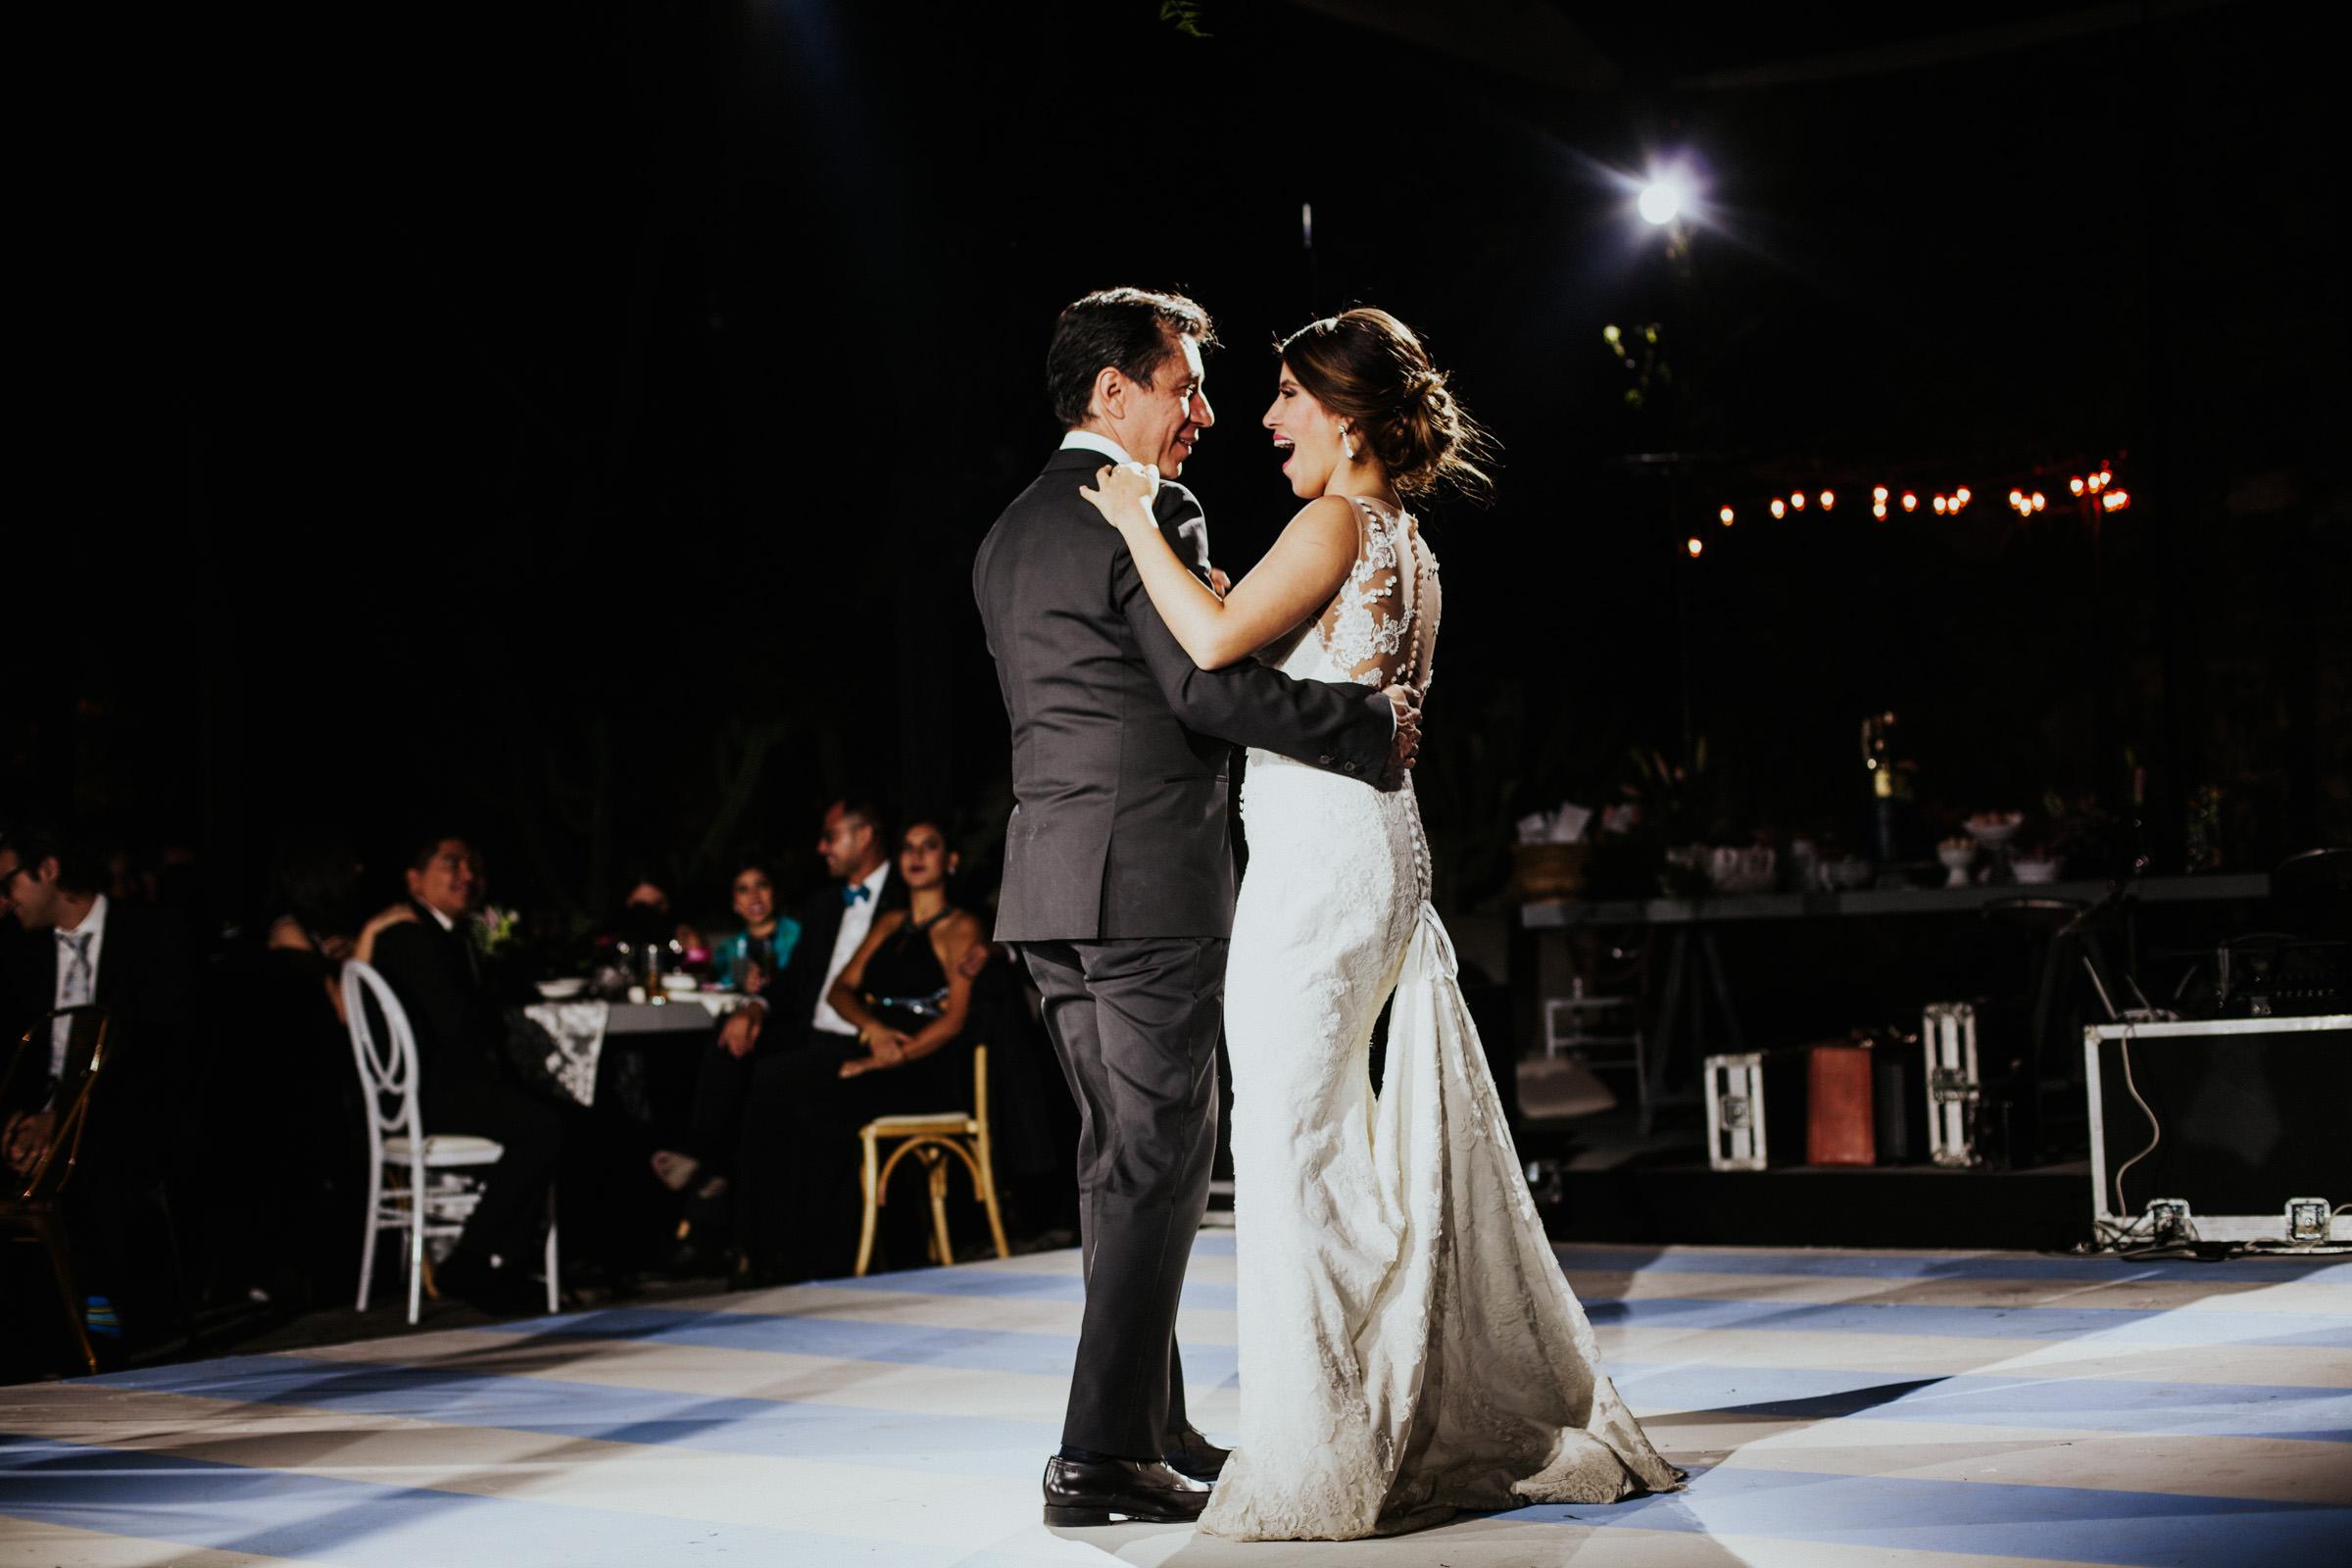 Boda-Guanajuato-Camino-de-Vinos-San-Miguel-Allende-Wedding-Fotografia-Paulina-Mauricio-Pierce0226.JPG